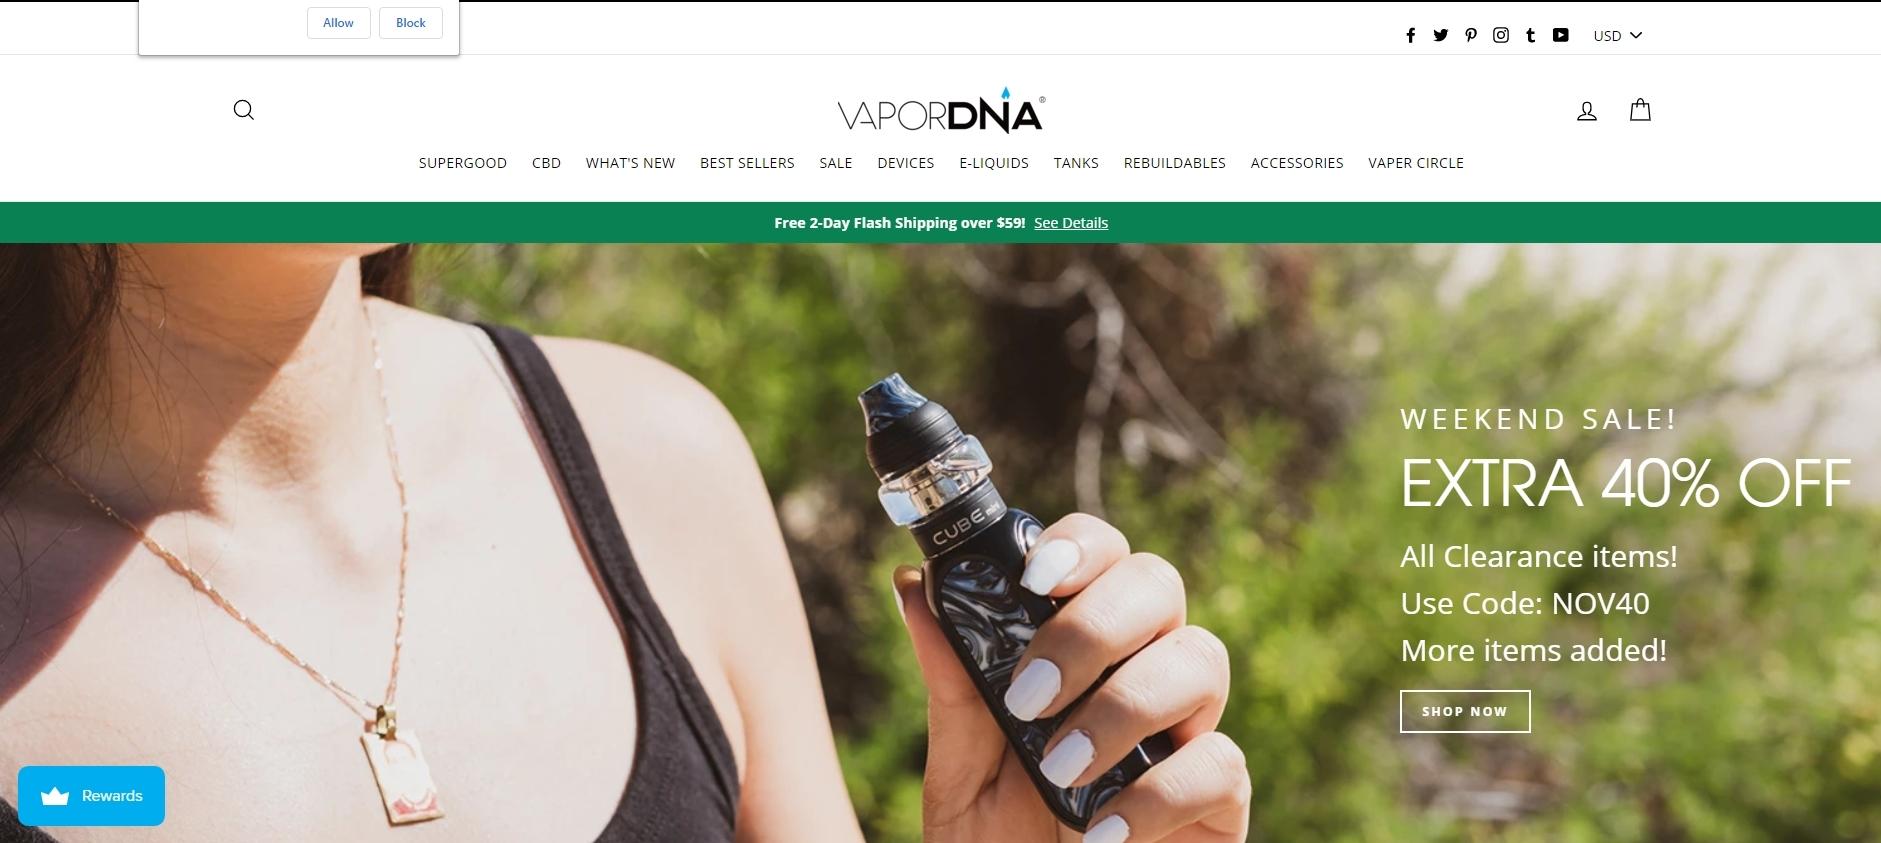 VaporDNA.com Review